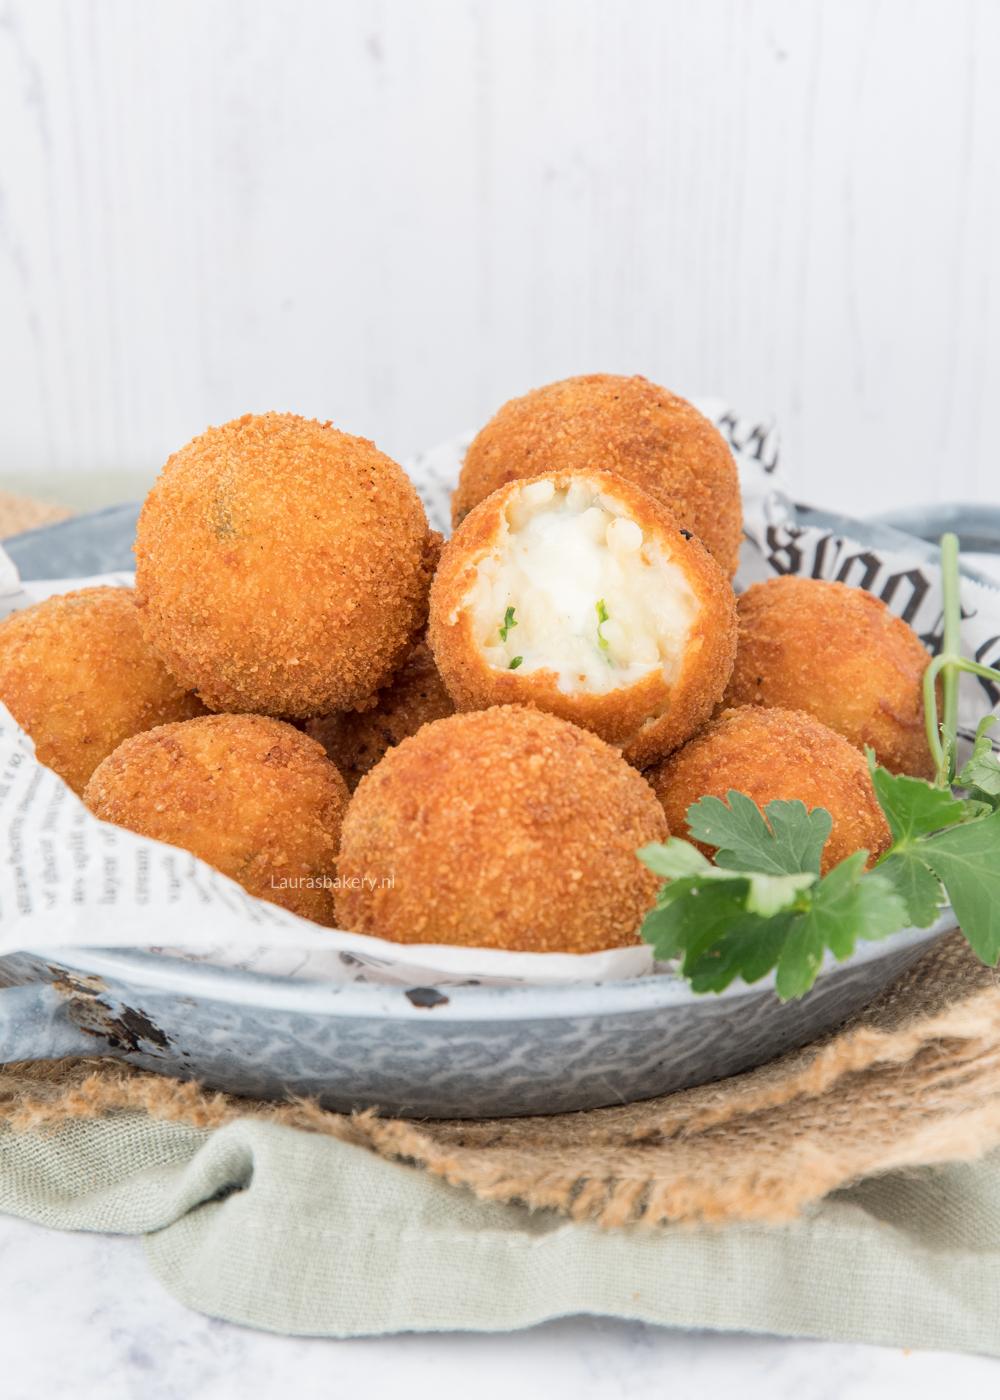 Risotto bitterballen met mozzarella – arancini